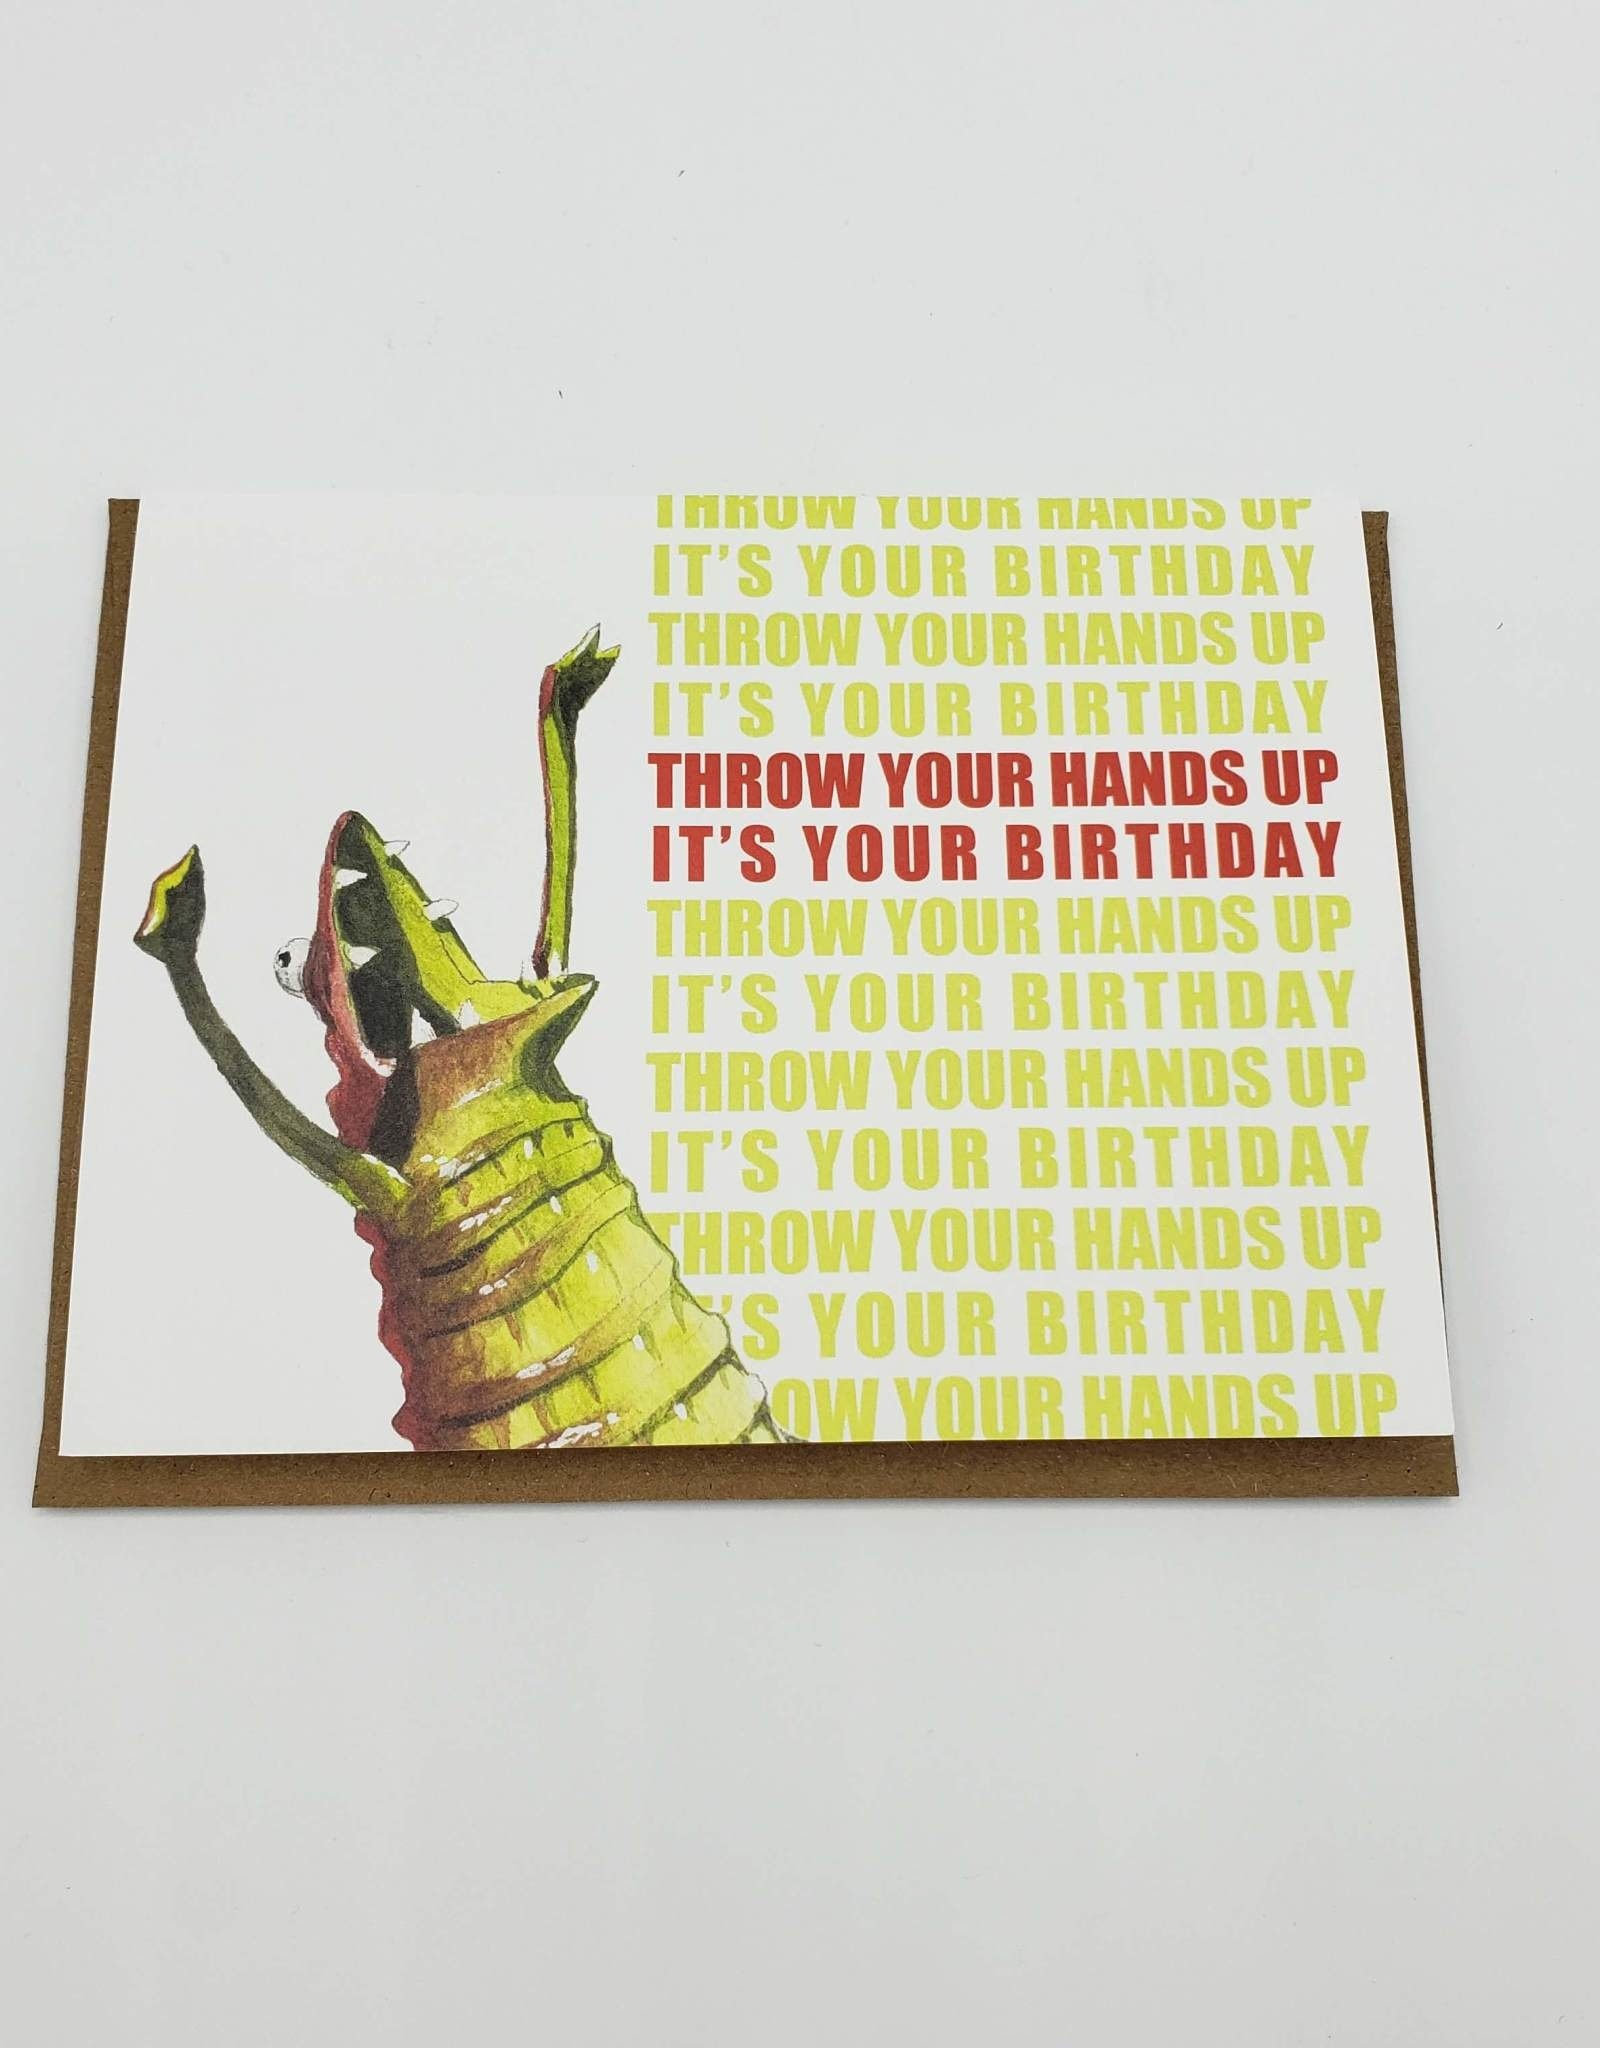 Mincing Mockingbird Throw Your Hands Up It's Your Birthday Greeting Card - The Mincing Mockingbird